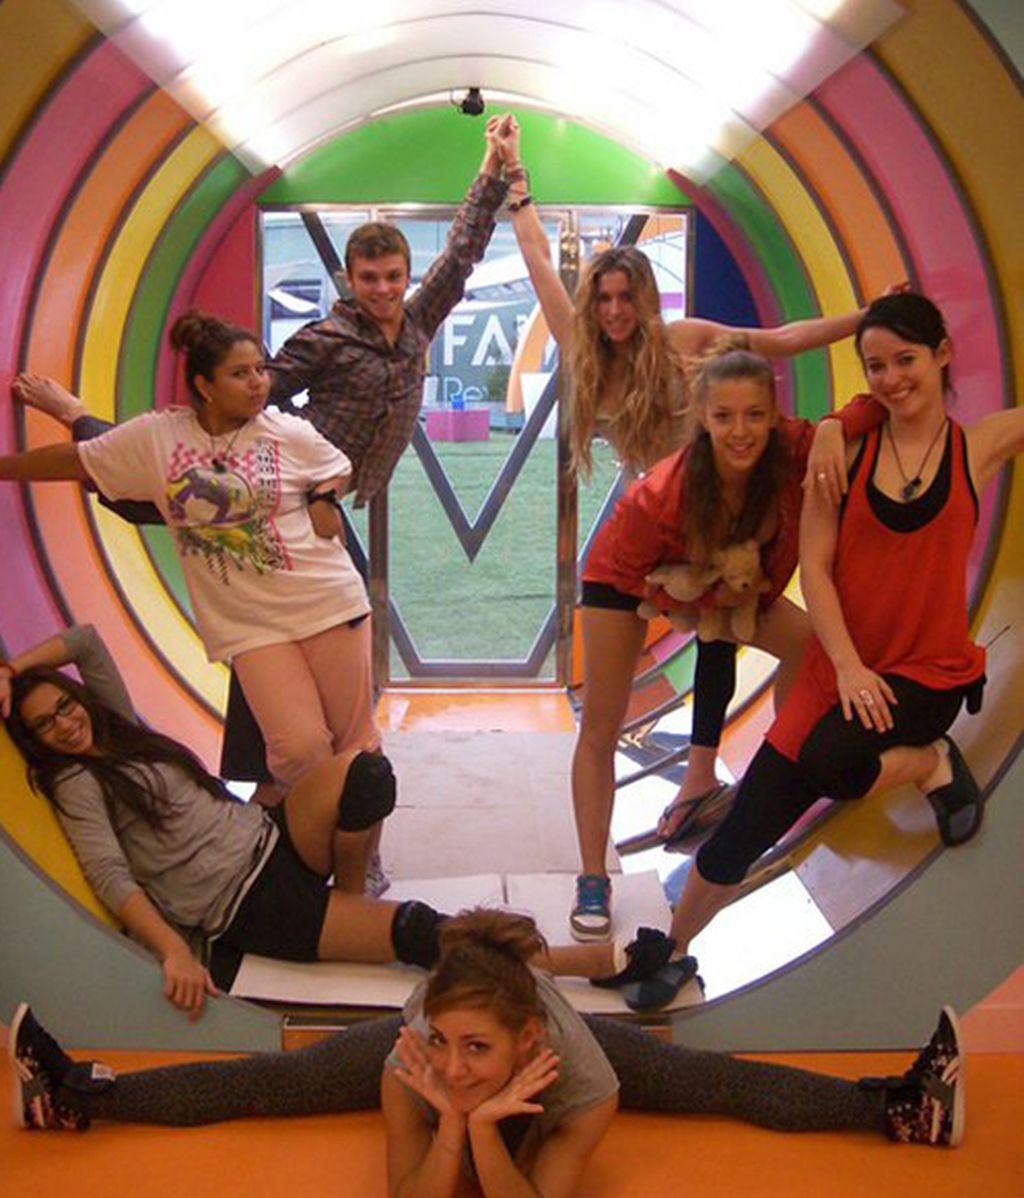 Adri, Yäela, Guille, Carla, Fanny, Sabela y Ali en el tubo multicolor